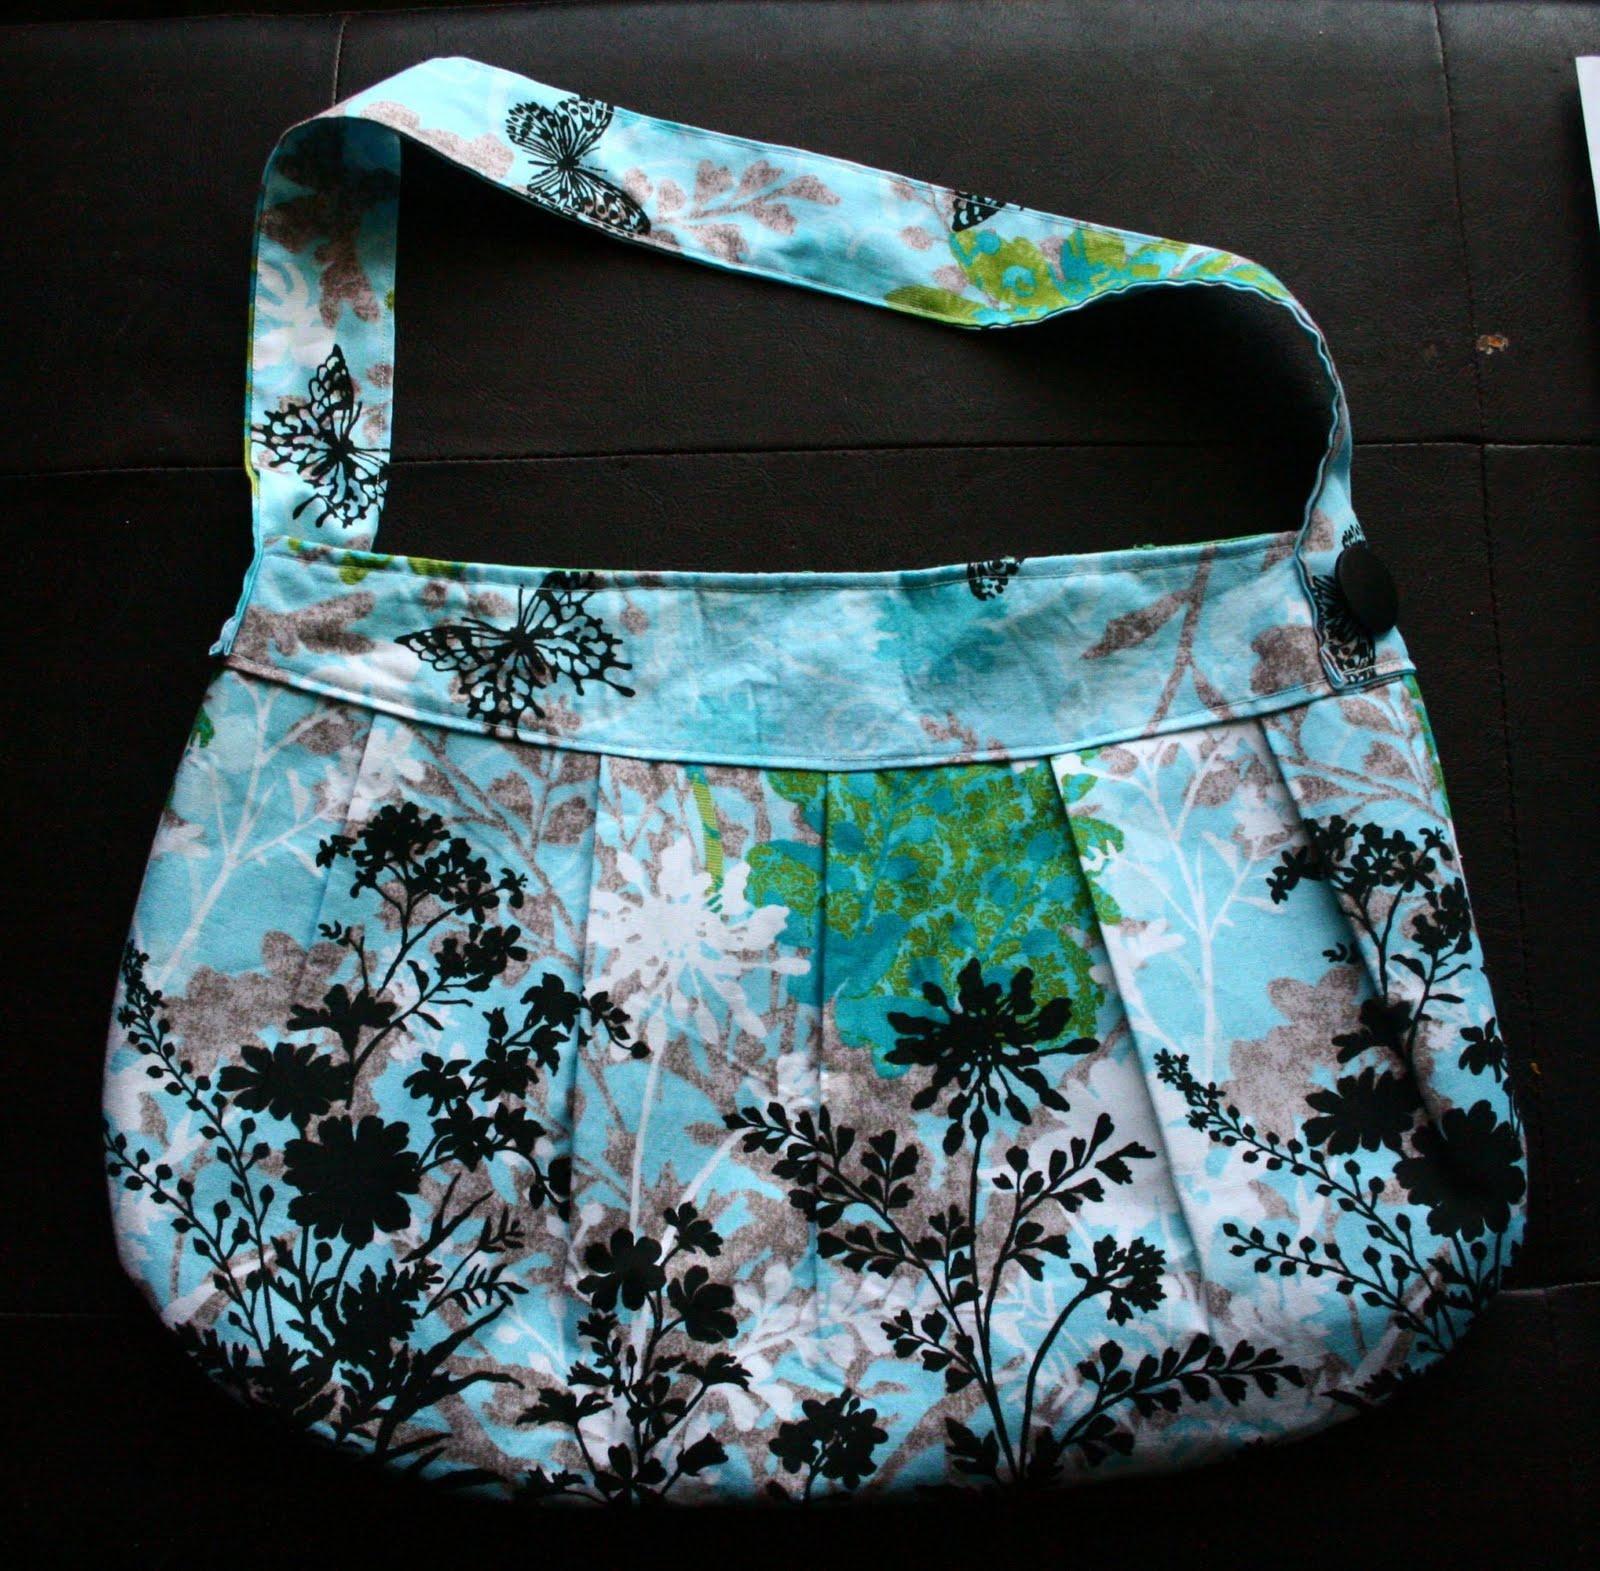 http://2.bp.blogspot.com/_WhRwKsnhk6U/S6139XPVToI/AAAAAAAAANQ/b6HrdZKIIyE/s1600/purse1.jpg